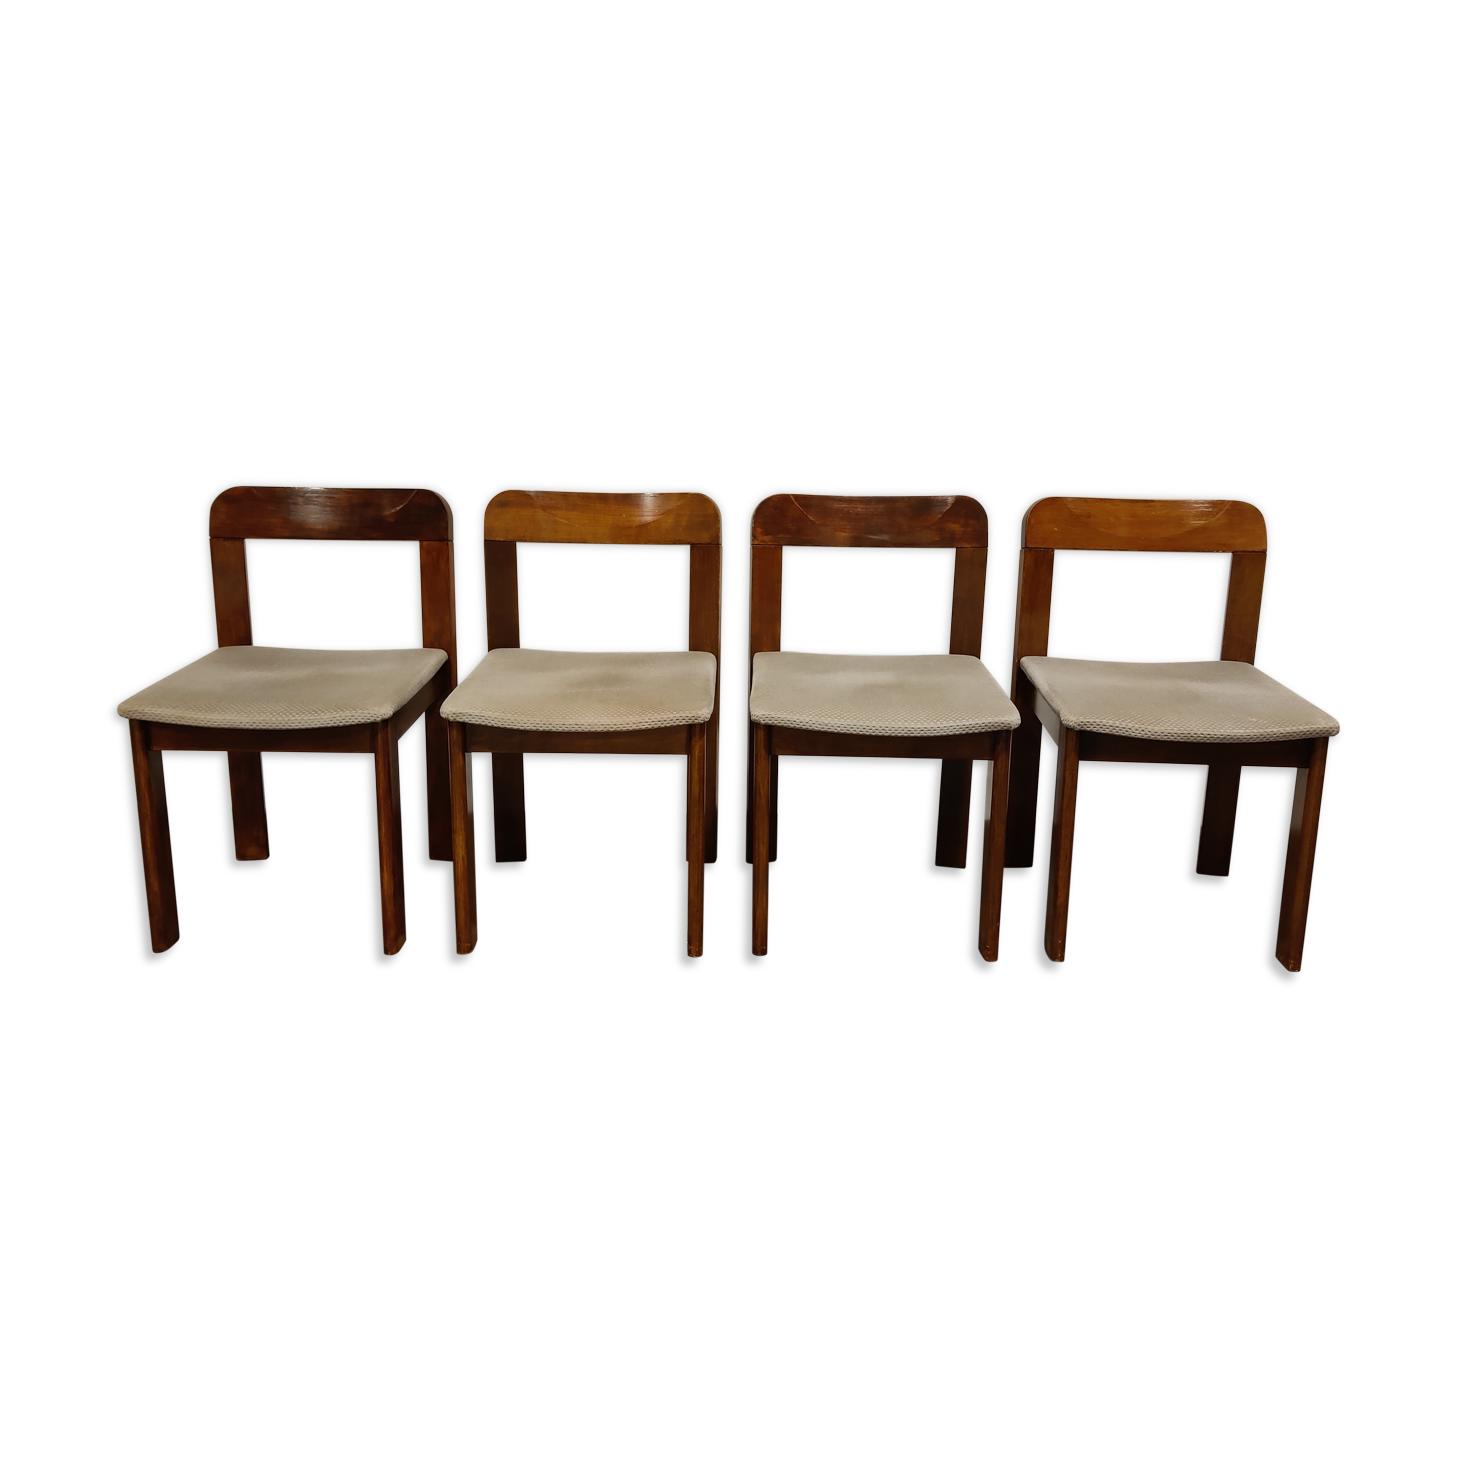 Chaises de salle à manger brutalistes vintage, ensemble de 4 - années 1960